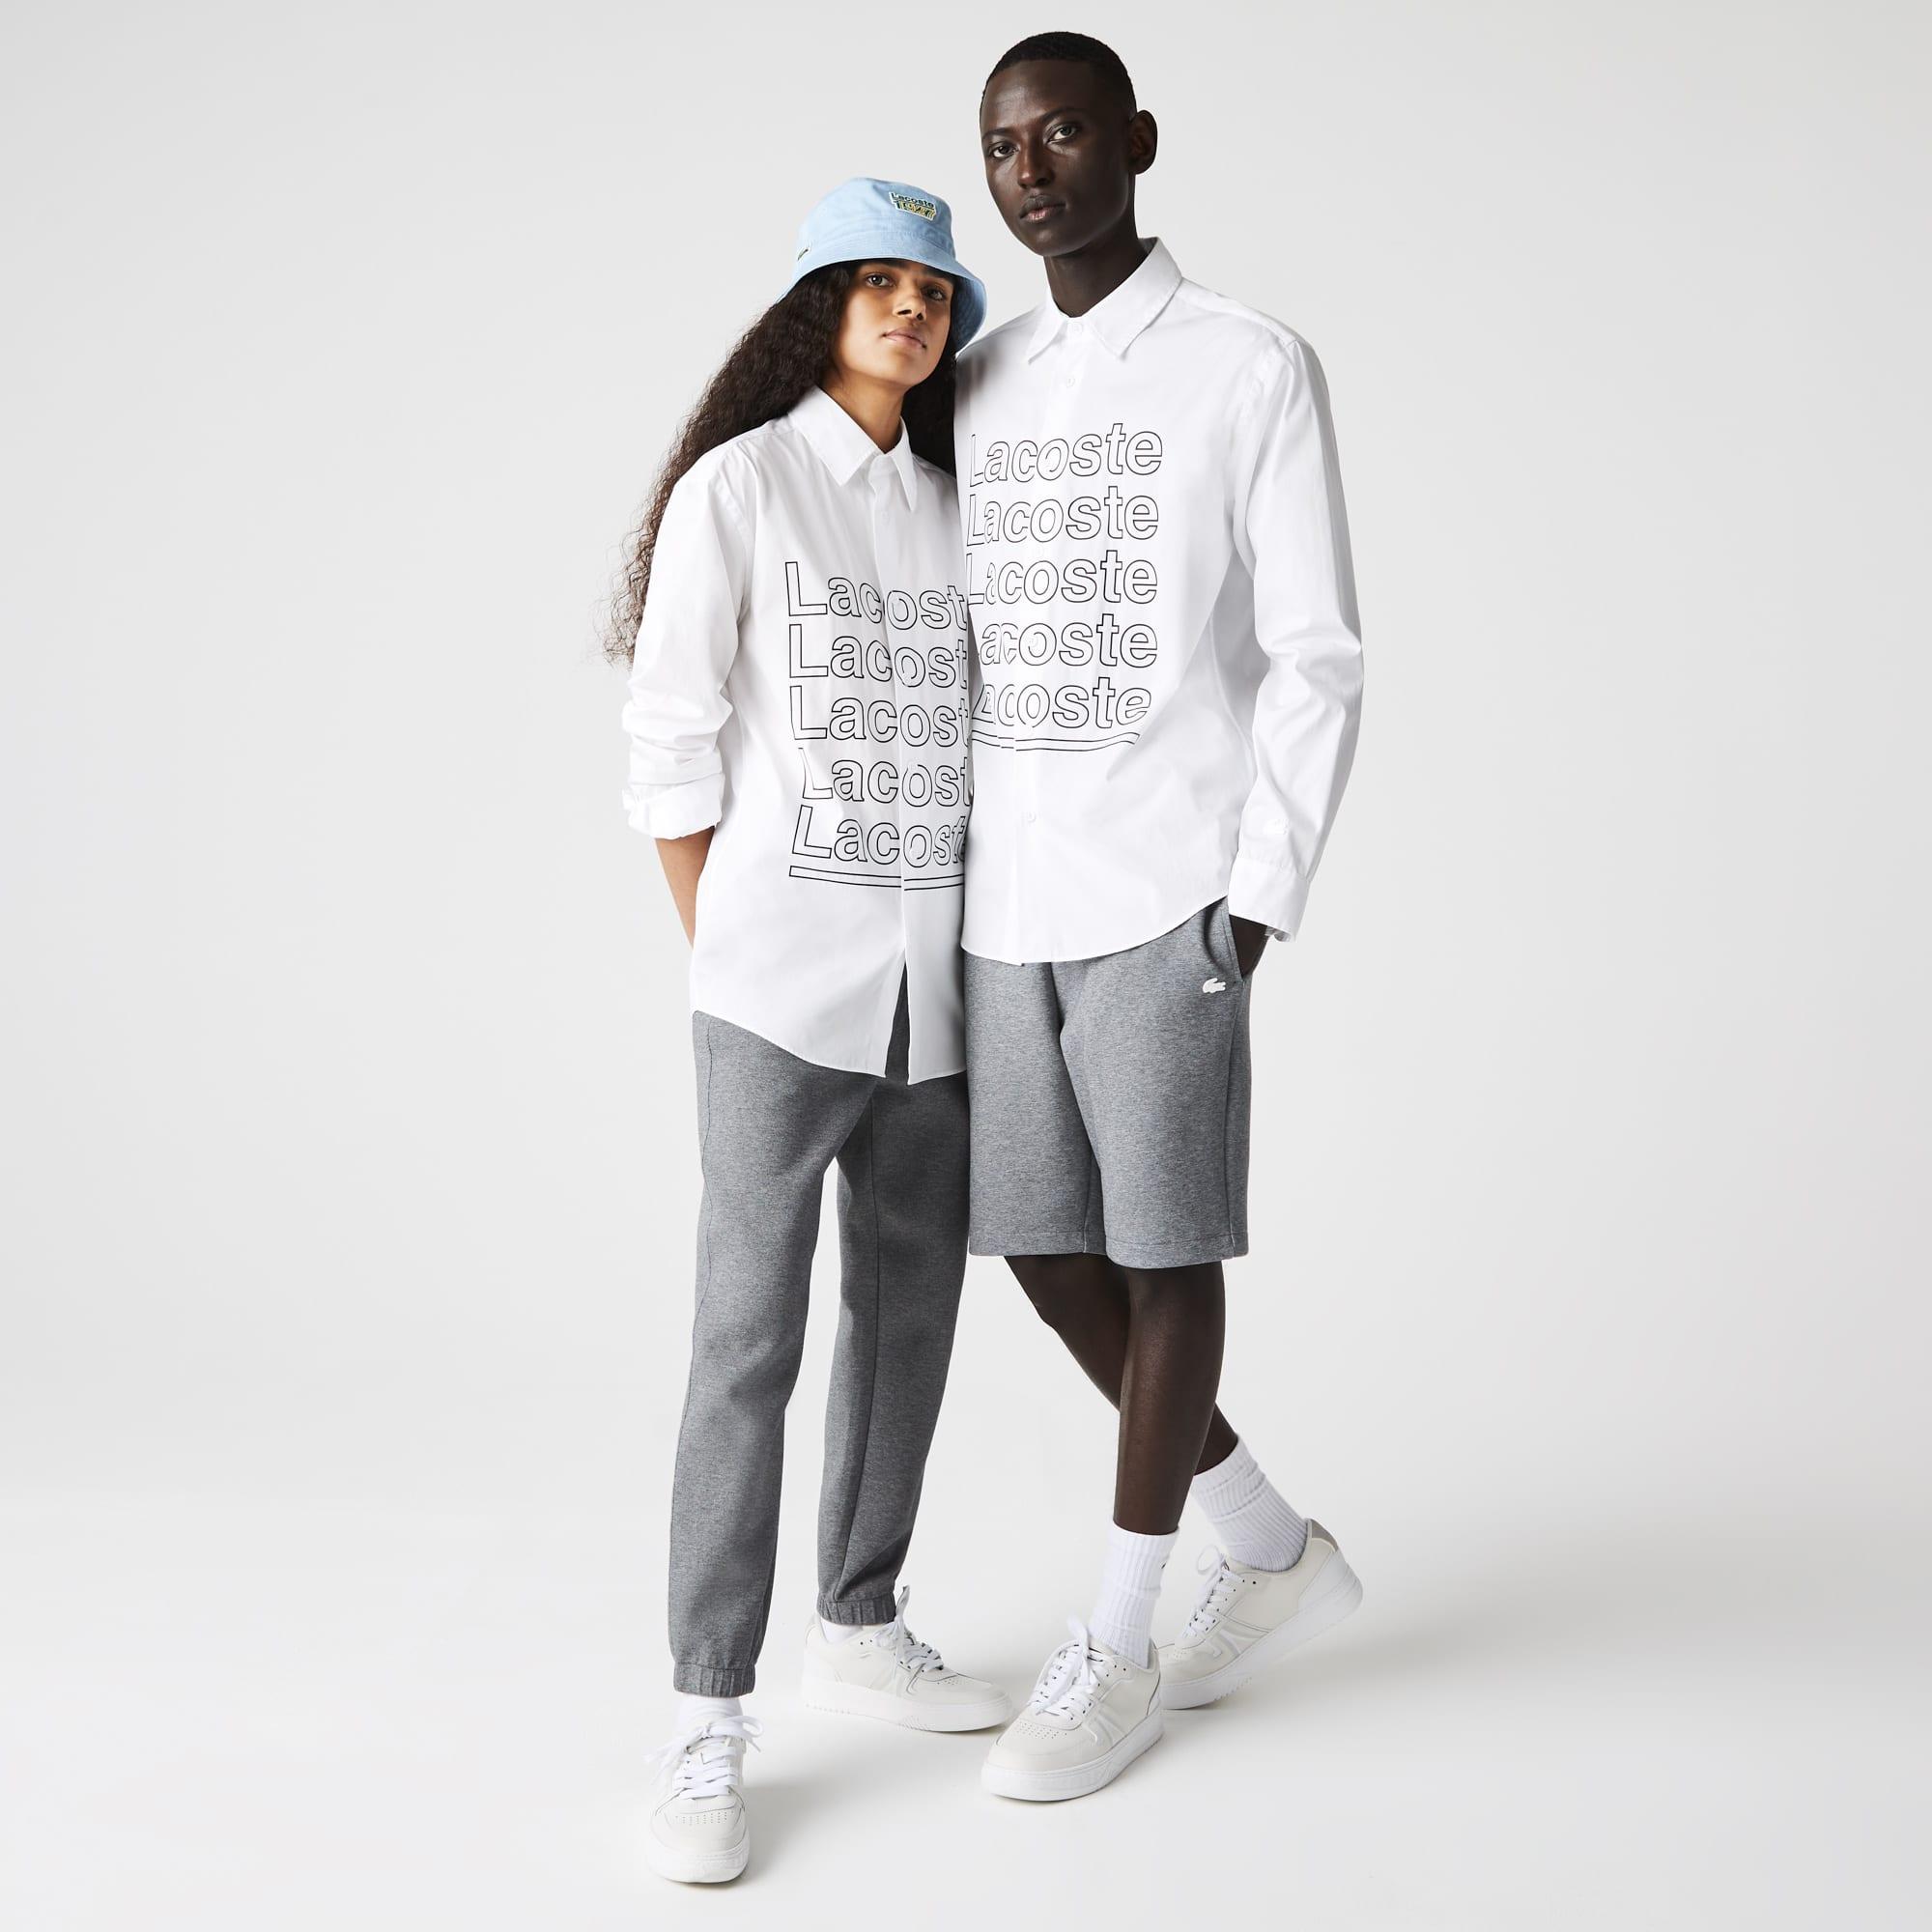 라코스테 라이브 남녀공용 셔츠 Lacoste Unisex LIVE Relaxed Fit Print Poplin Shirt,White 001